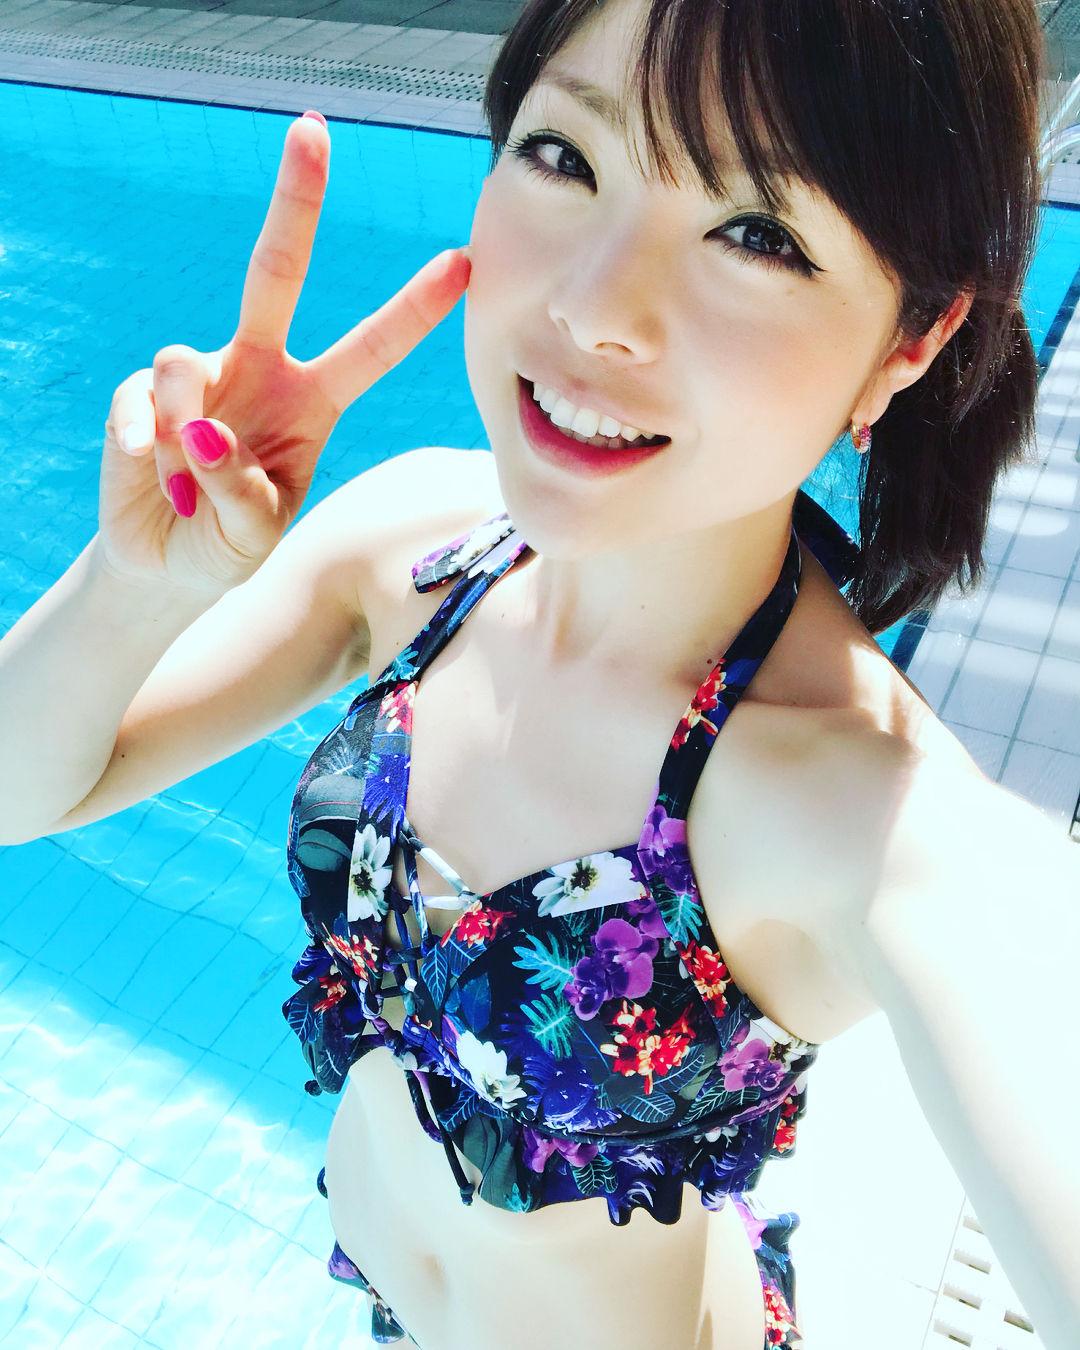 小川麻琴の画像 p1_24